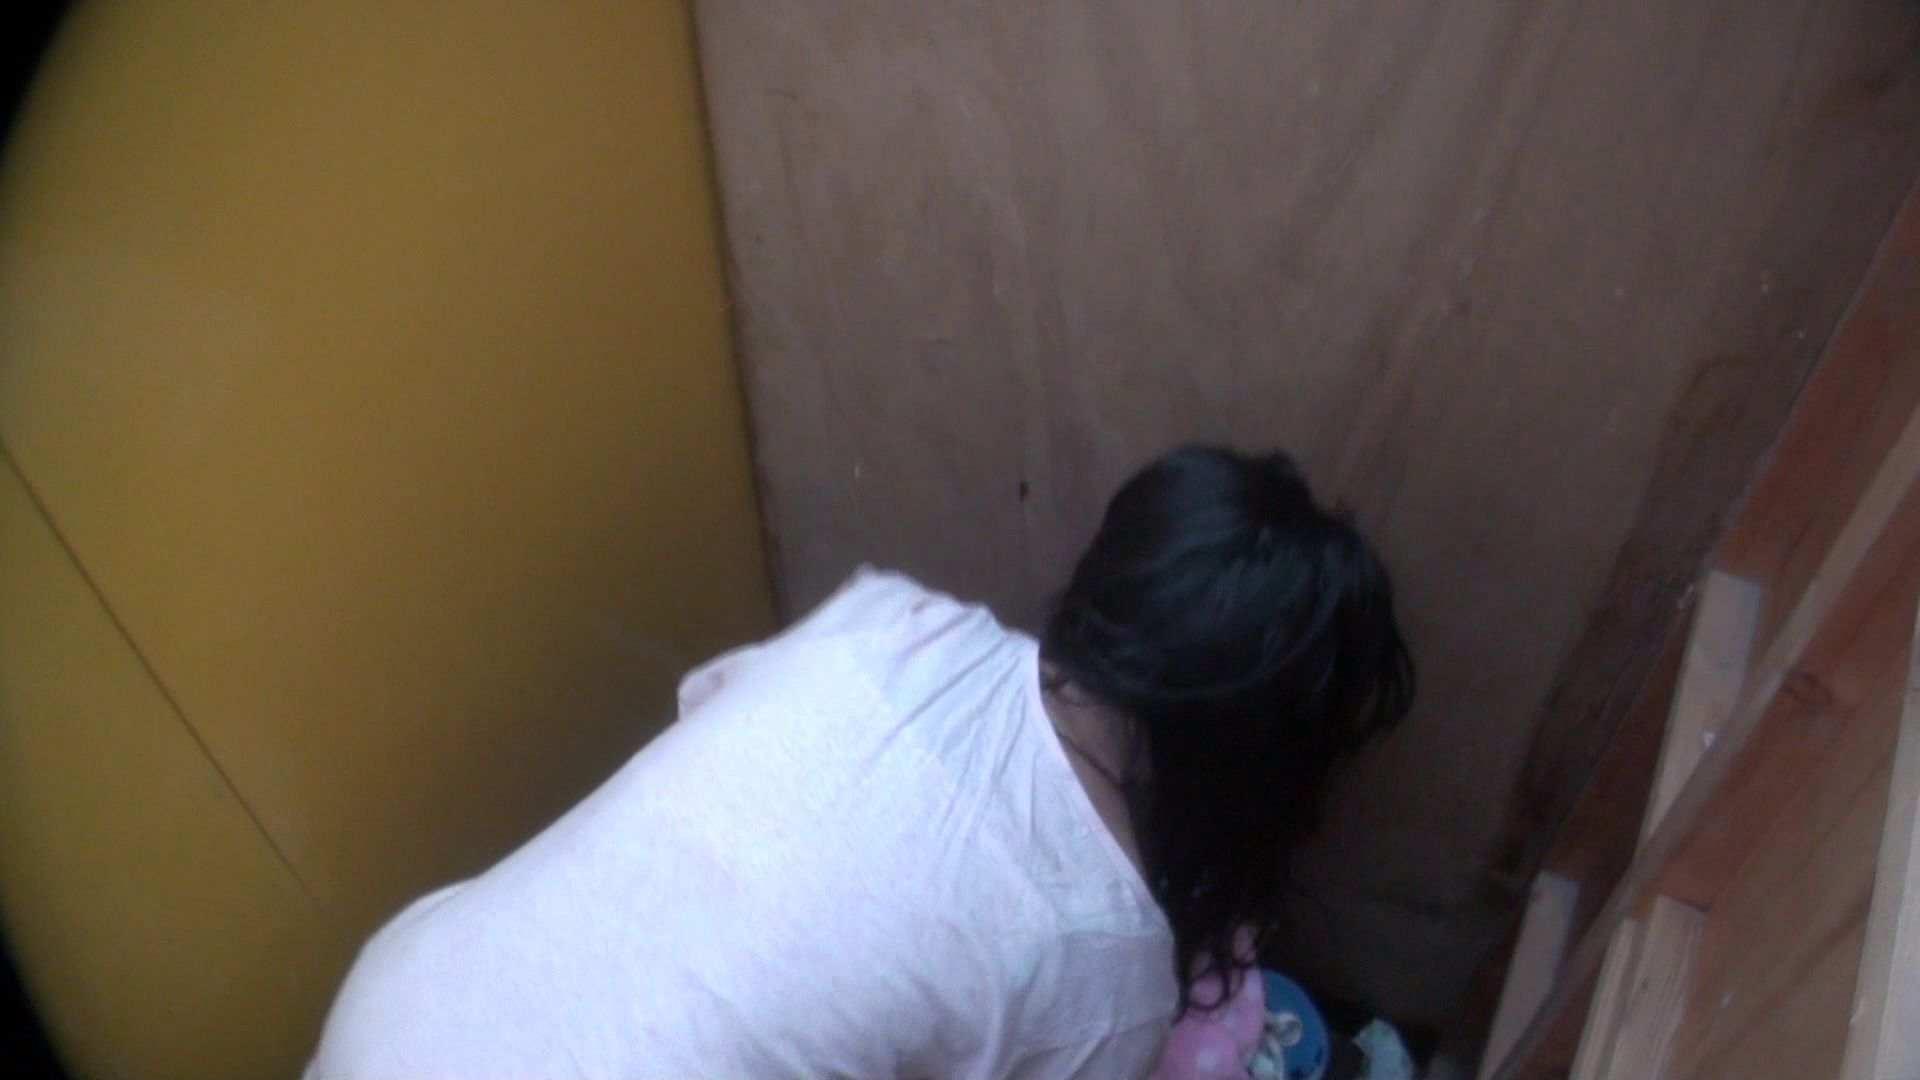 シャワールームは超!!危険な香りVol.13 ムッチムチのいやらしい身体つき シャワー  111pic 25